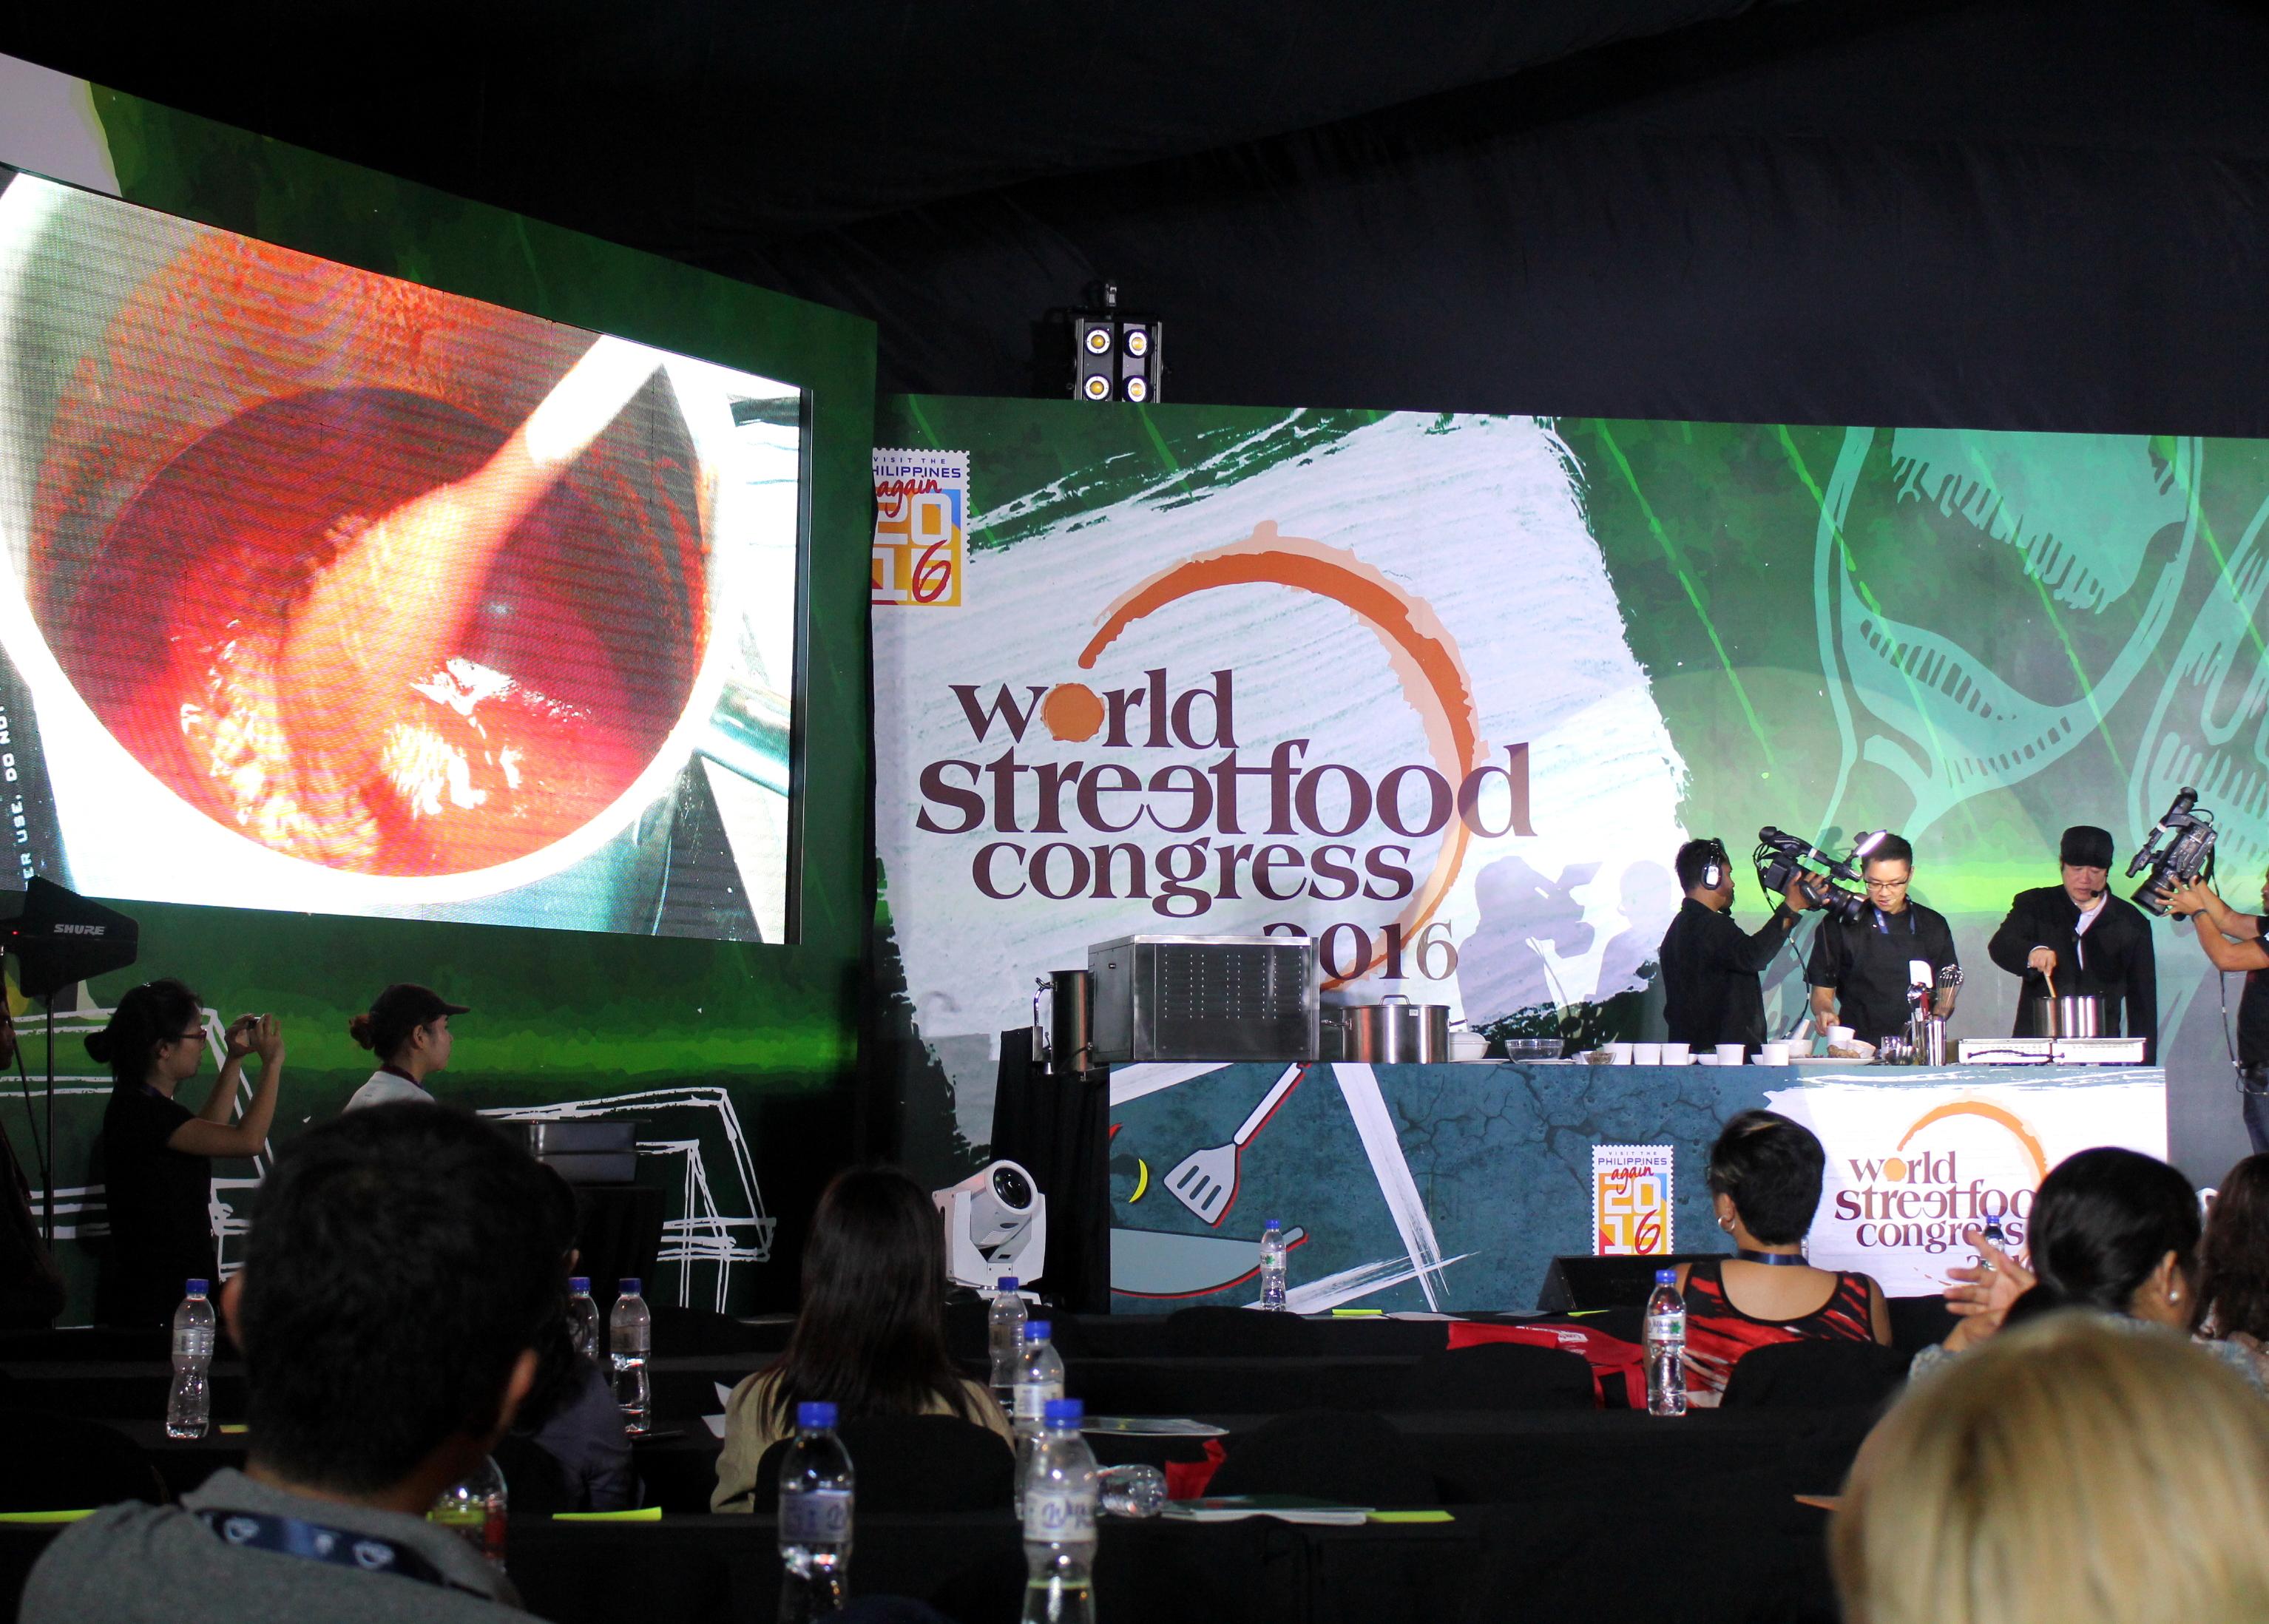 世界街头食品大会食品演示